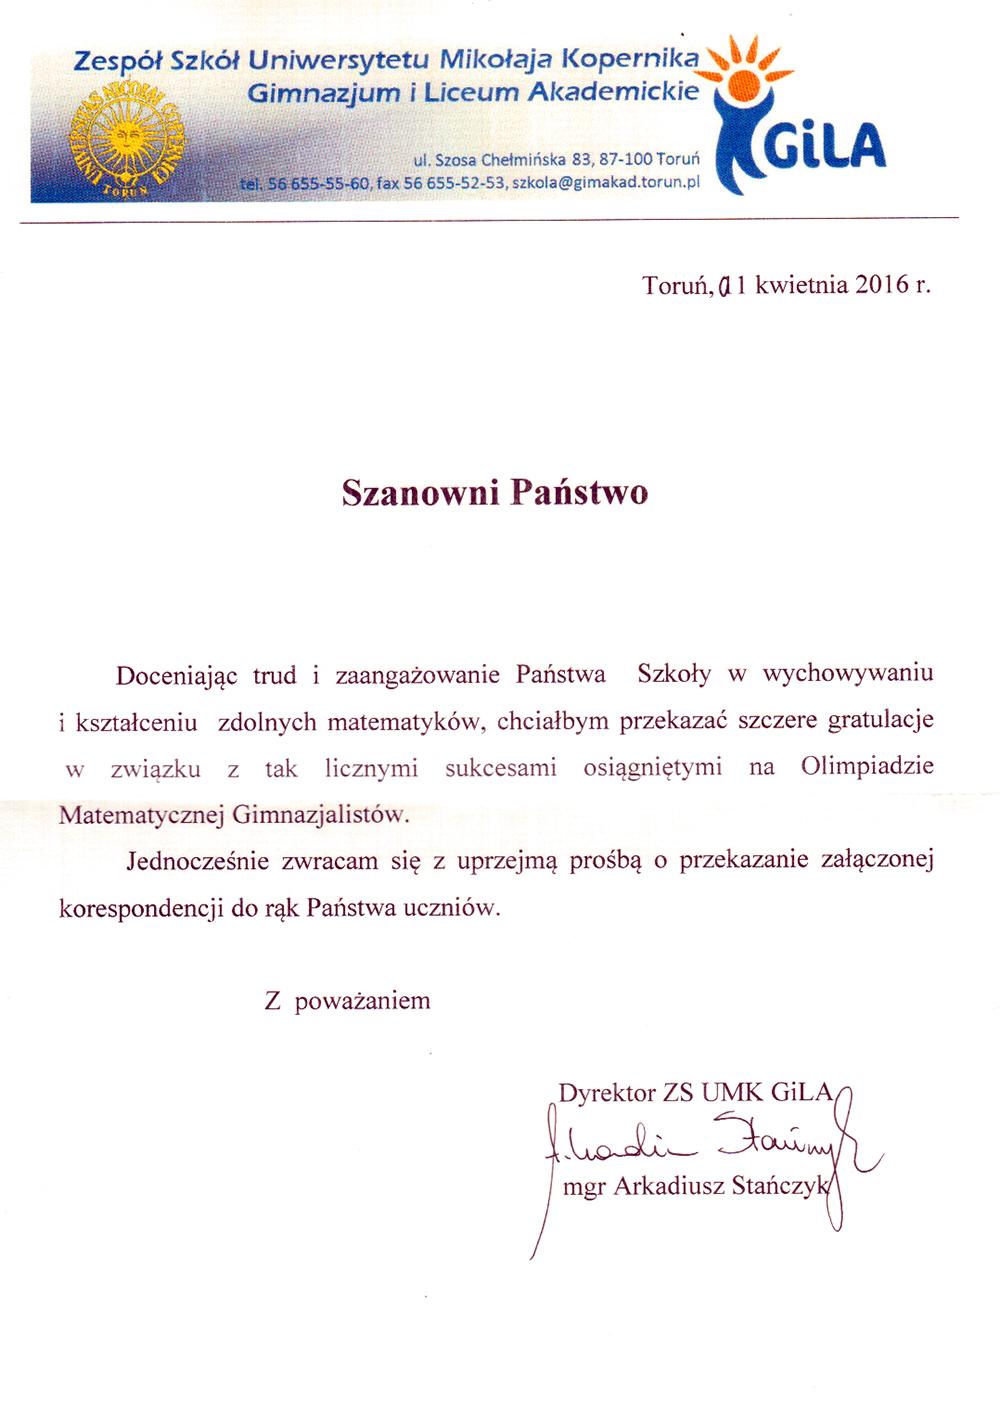 GILA_dyplom